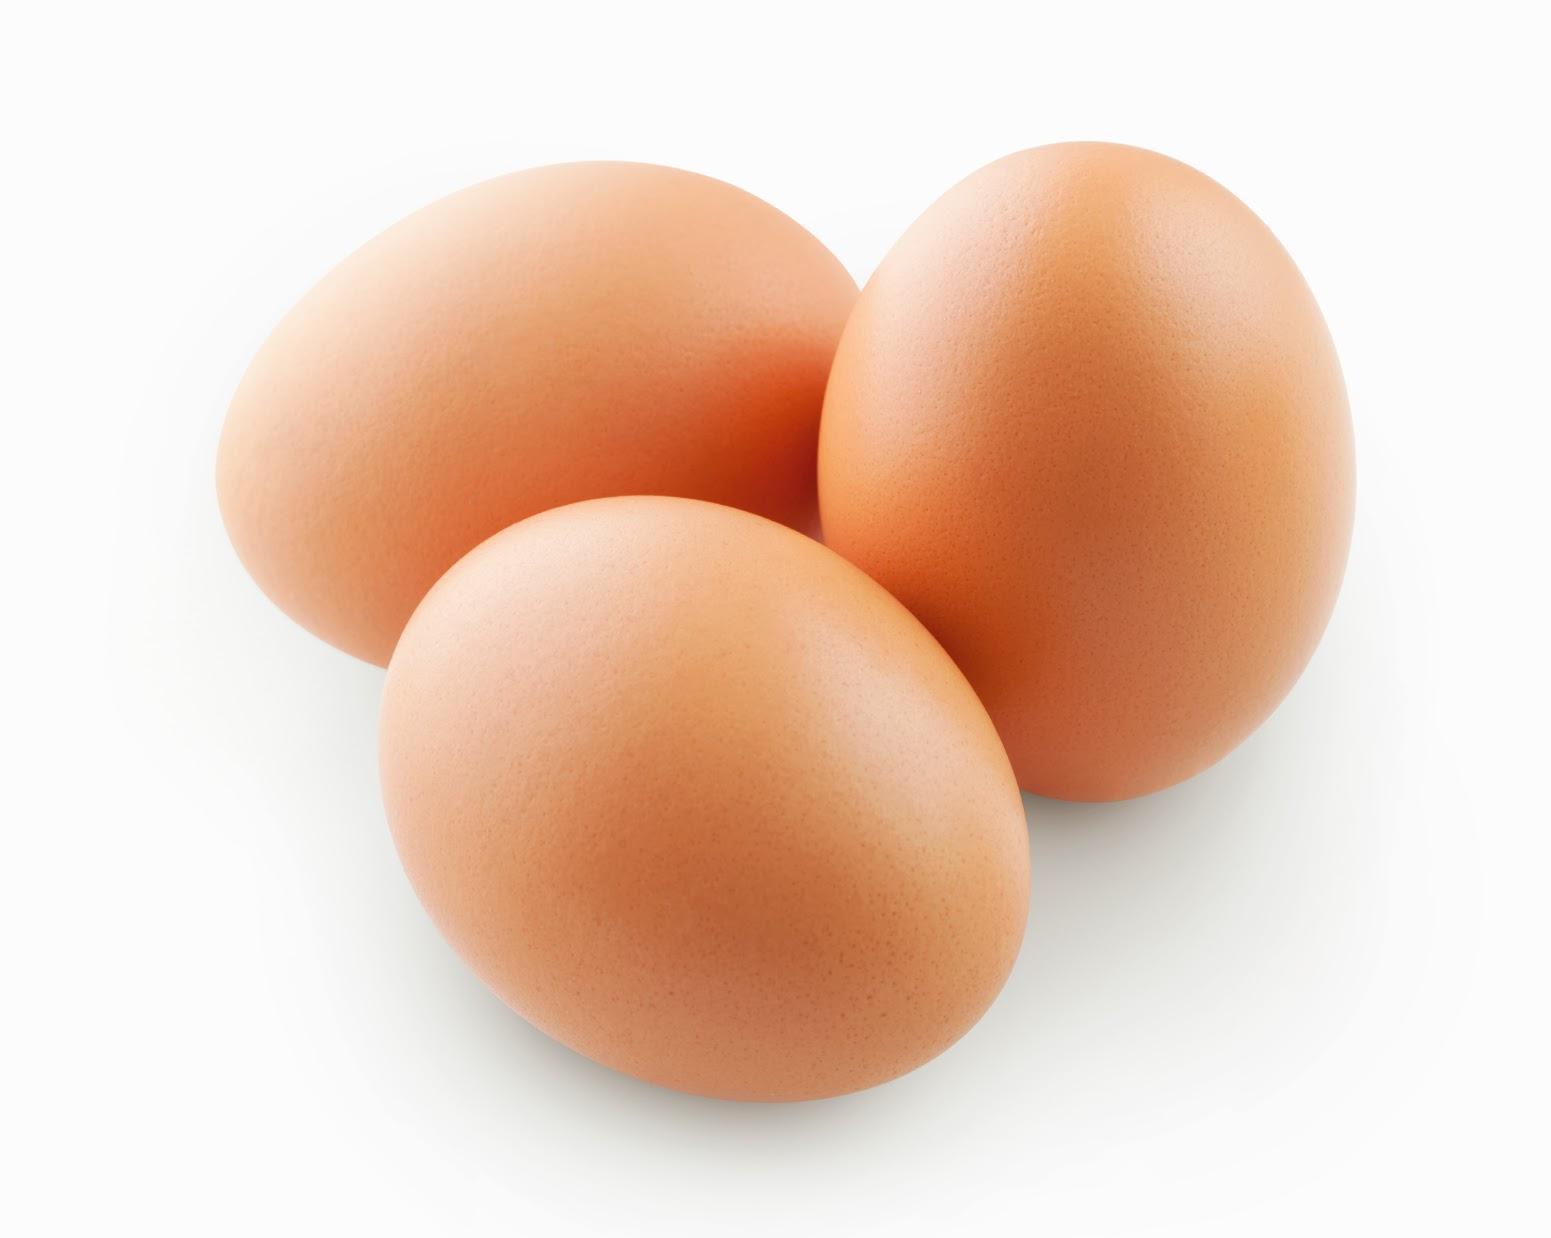 Uova intere